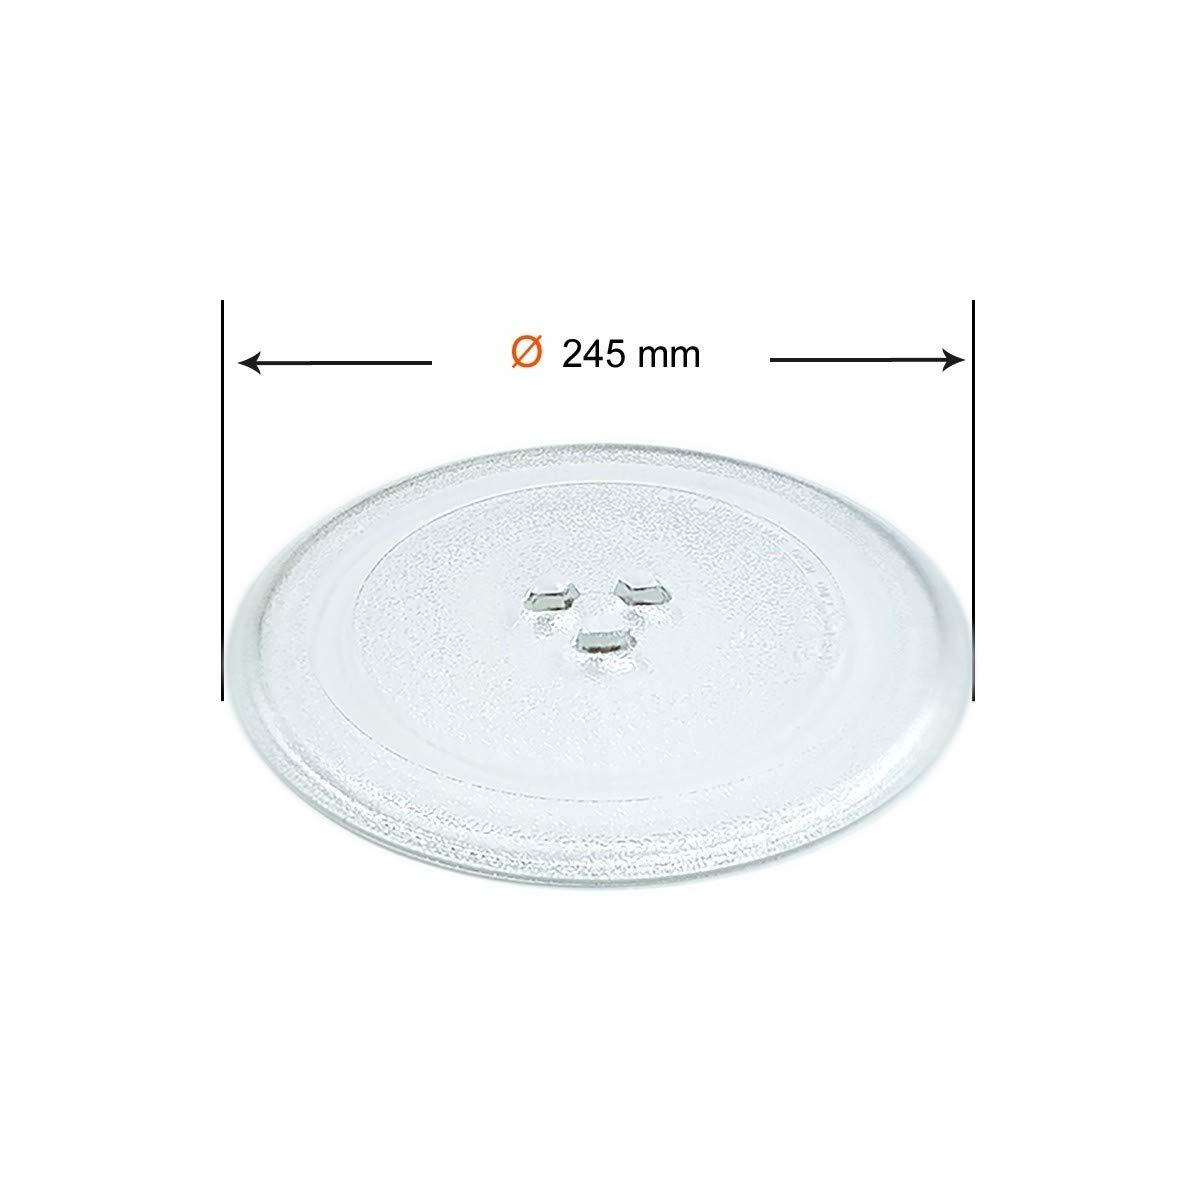 Recamania Plato para microondas diametro Ø 245mm Universal: Amazon.es